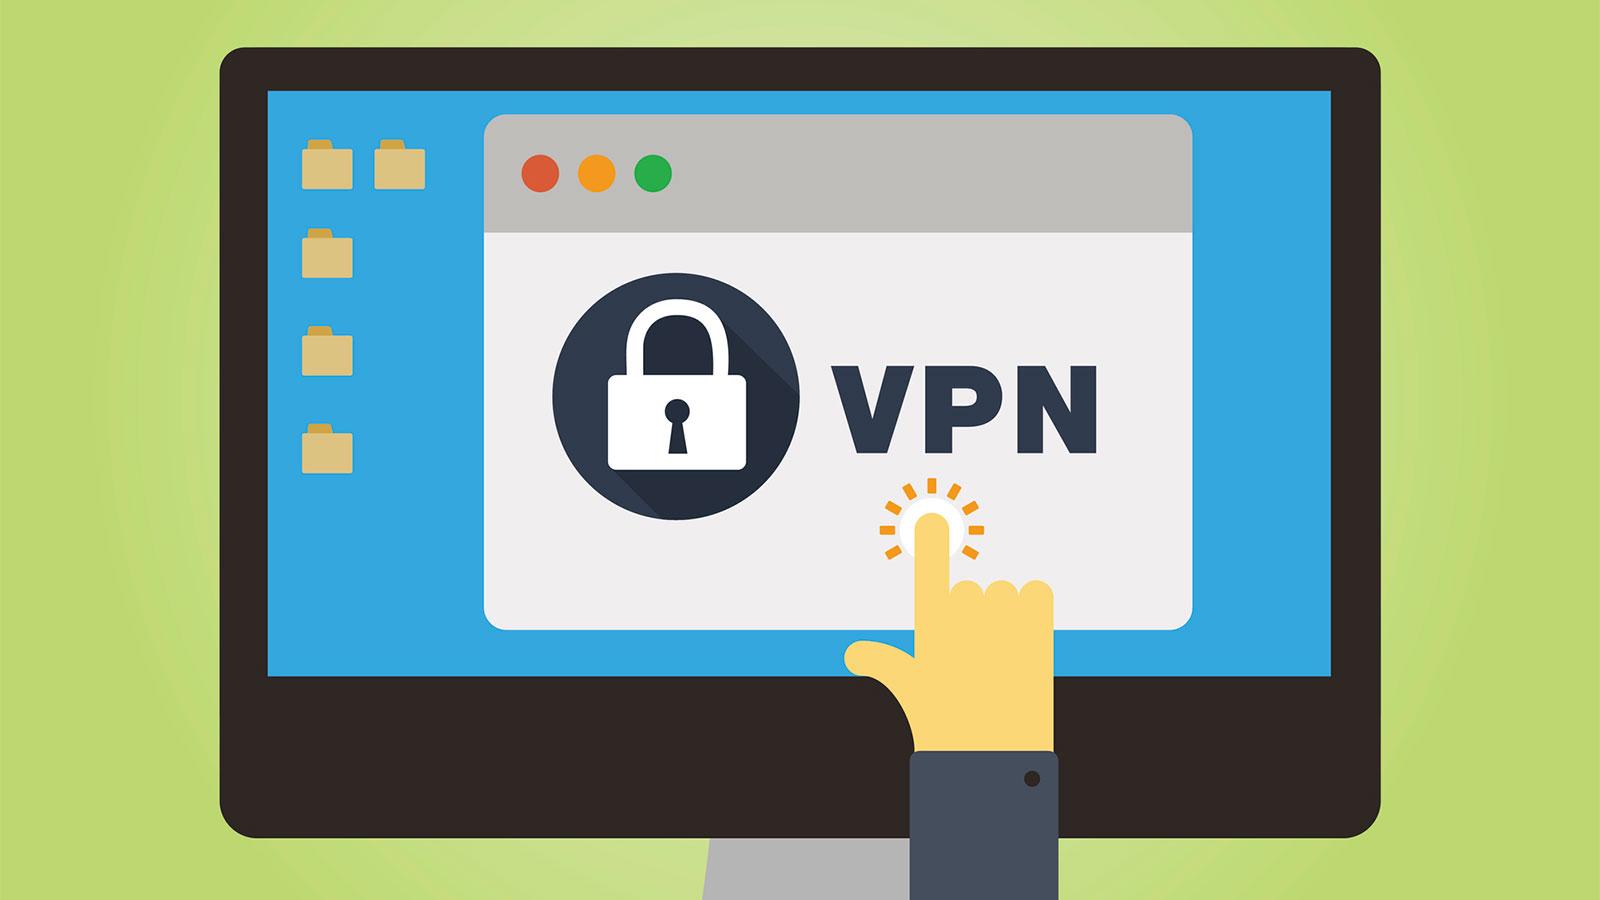 vadbetyder VPN